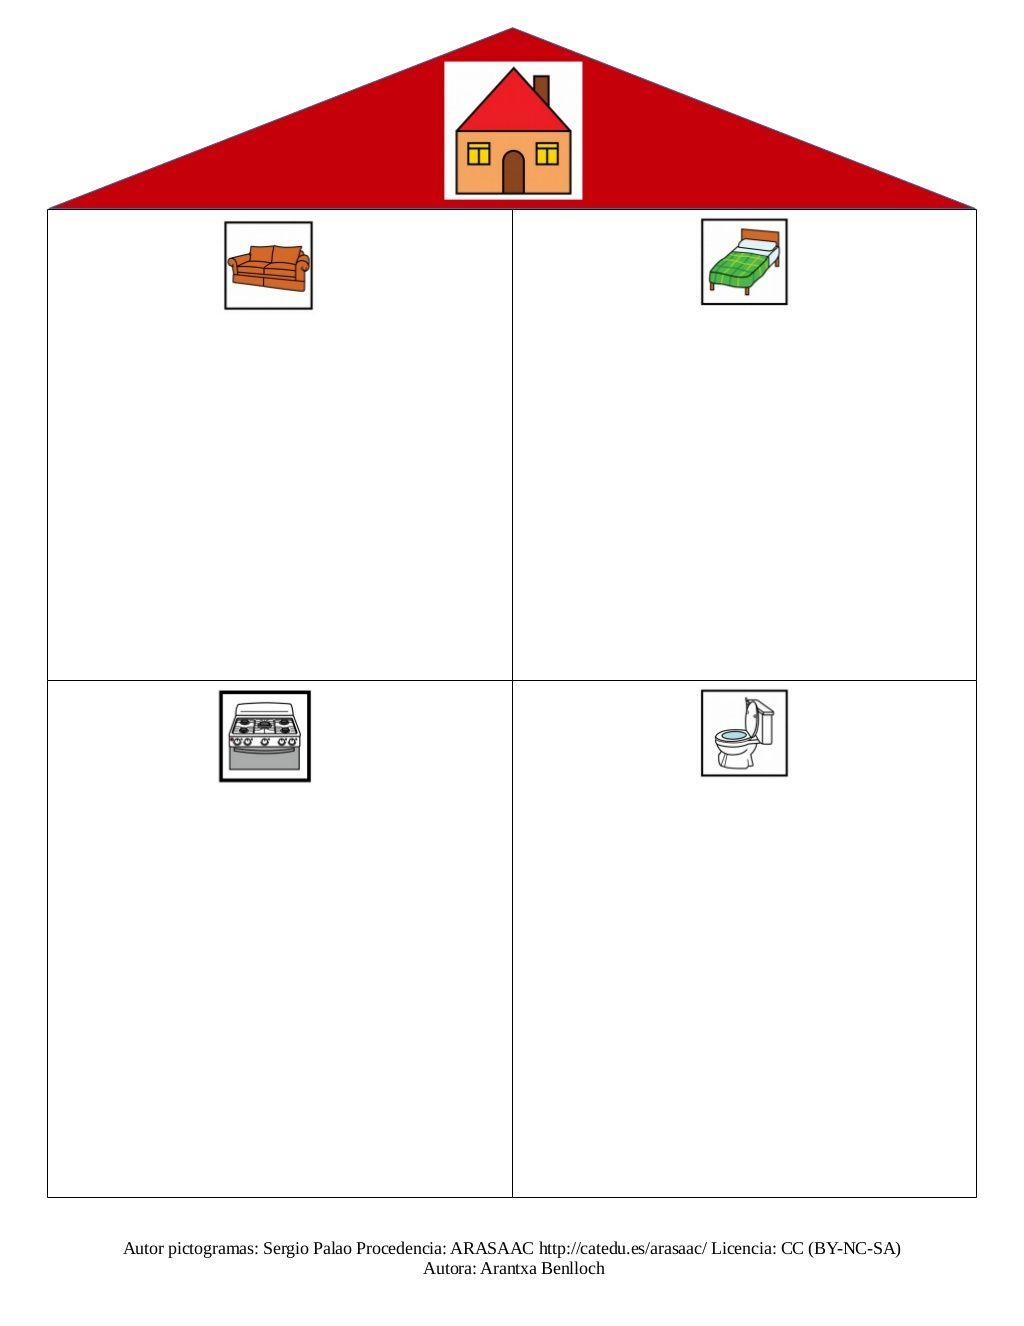 Categorizacion Casa Objetos Y Acciones By Anabel Cornago